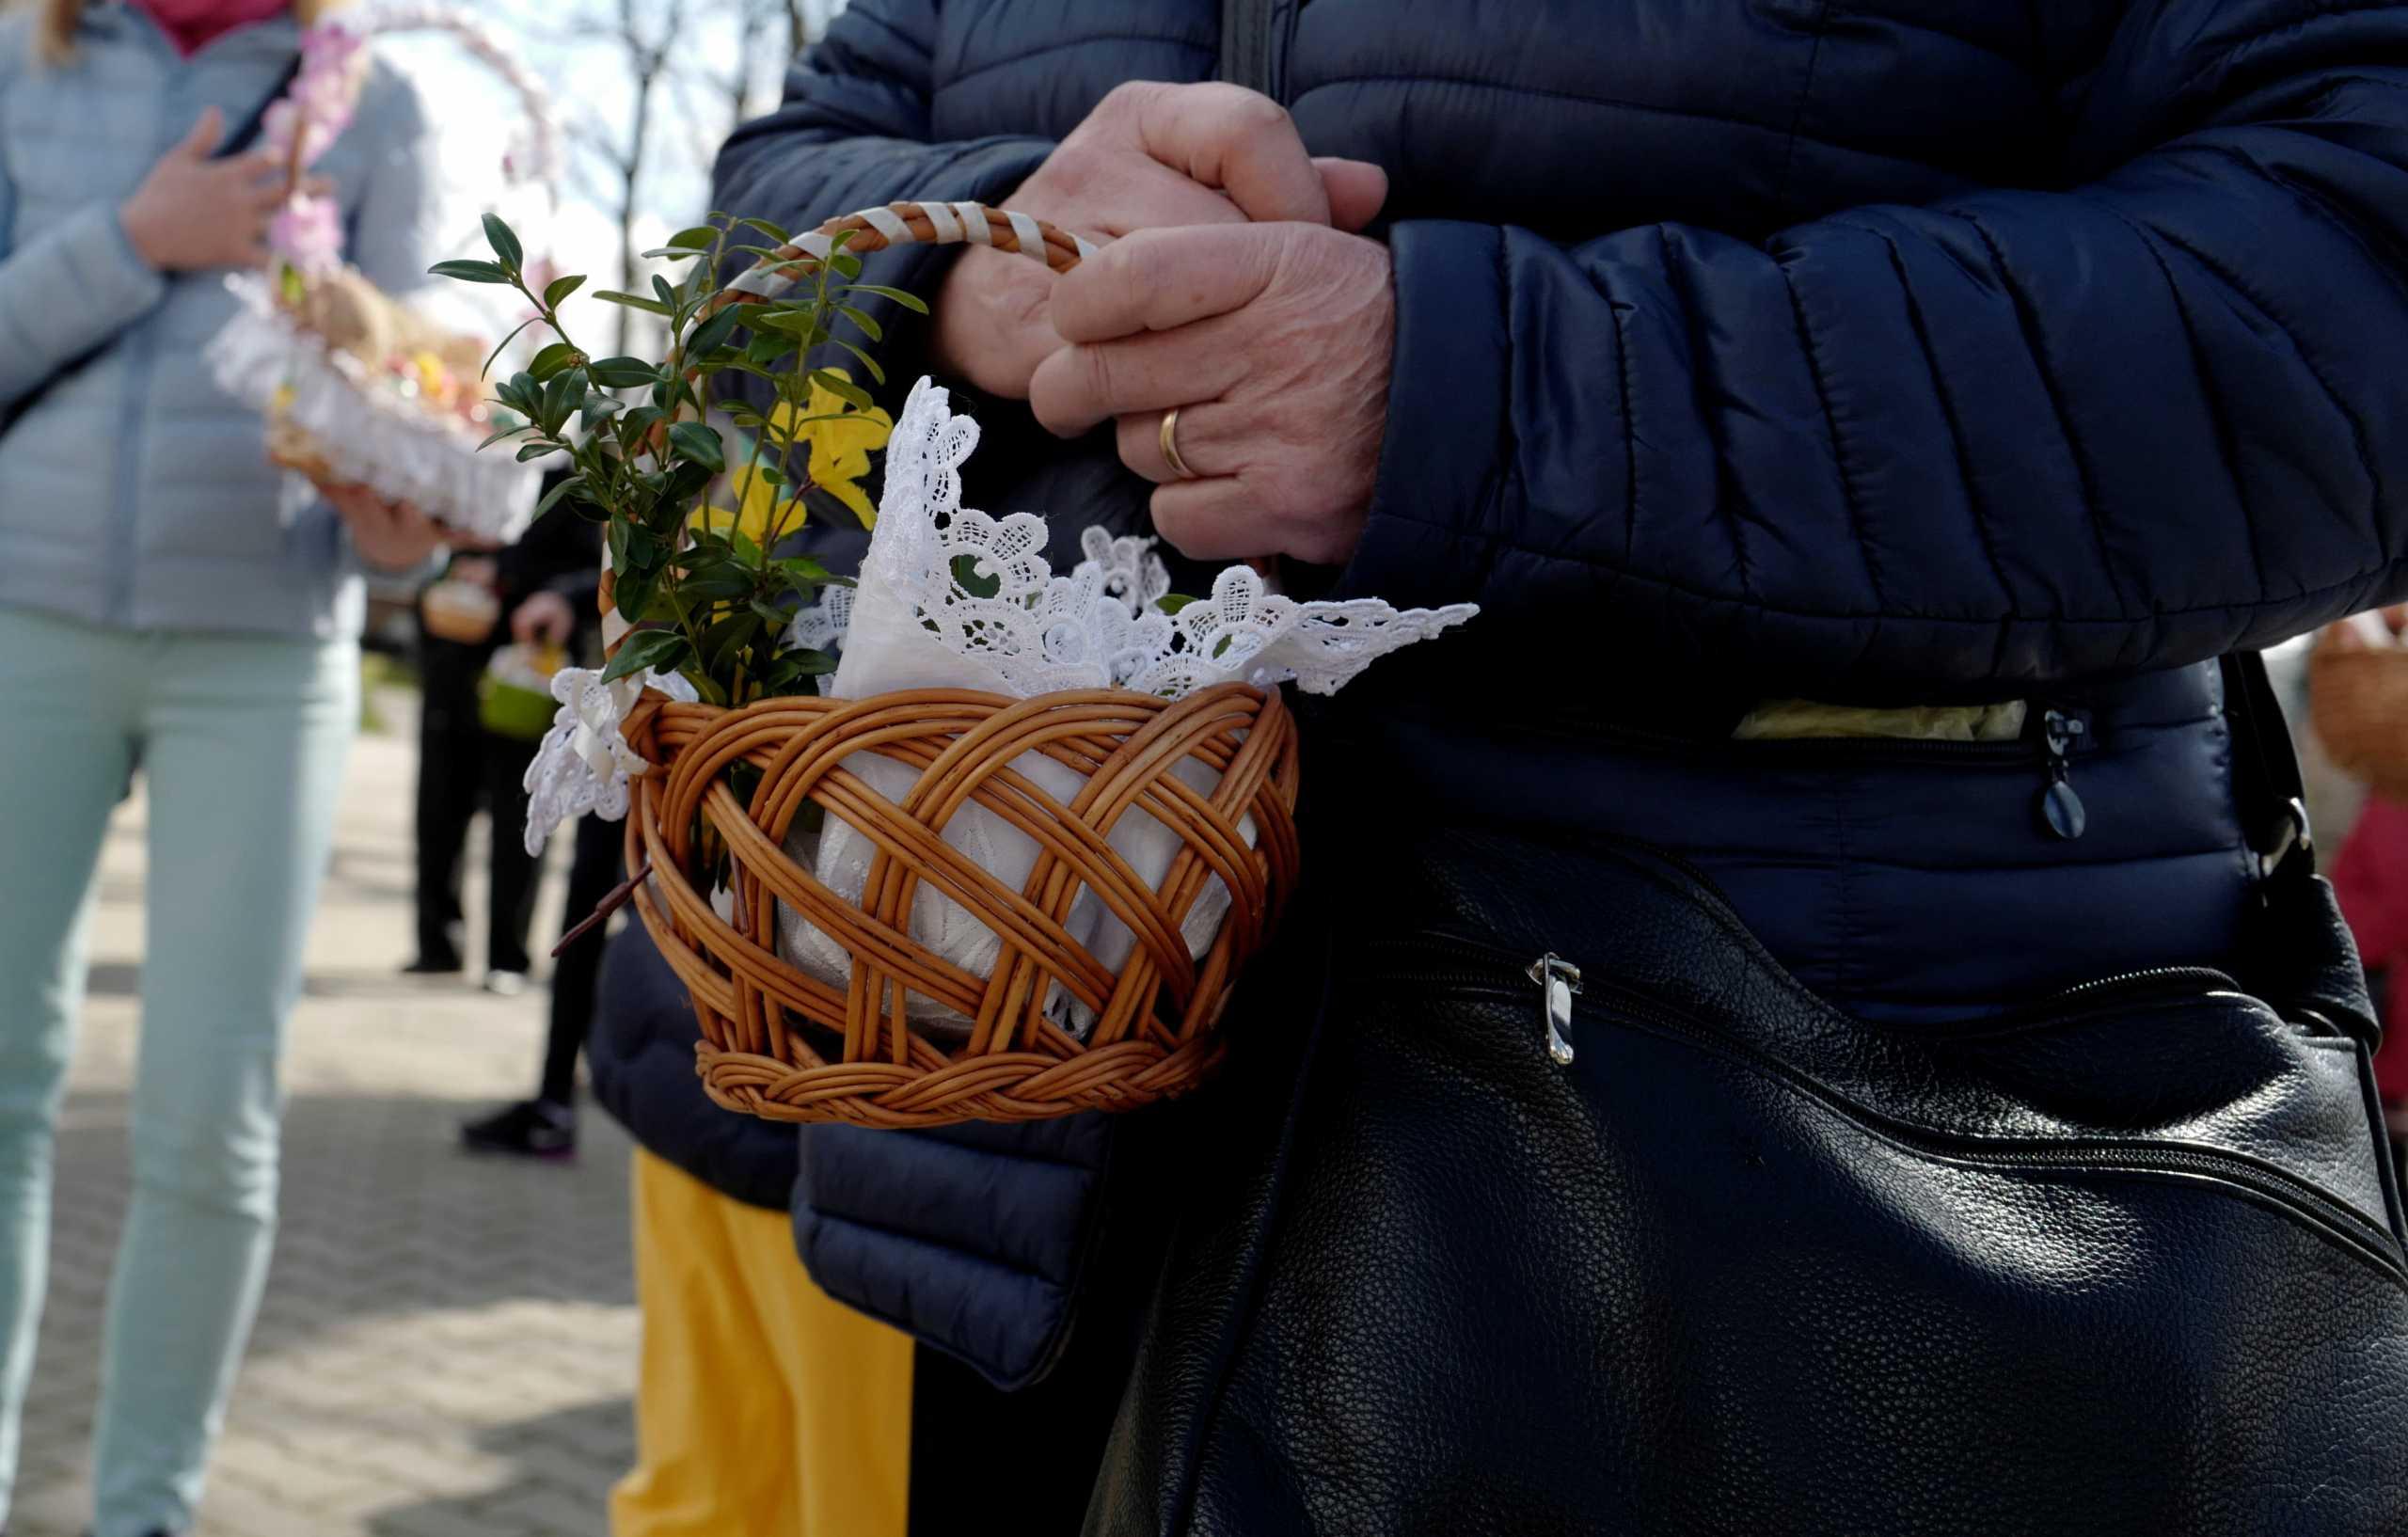 Για δεύτερη φορά εκατομμύρια άνθρωποι γιορτάζουν το Πάσχα σε lockdown